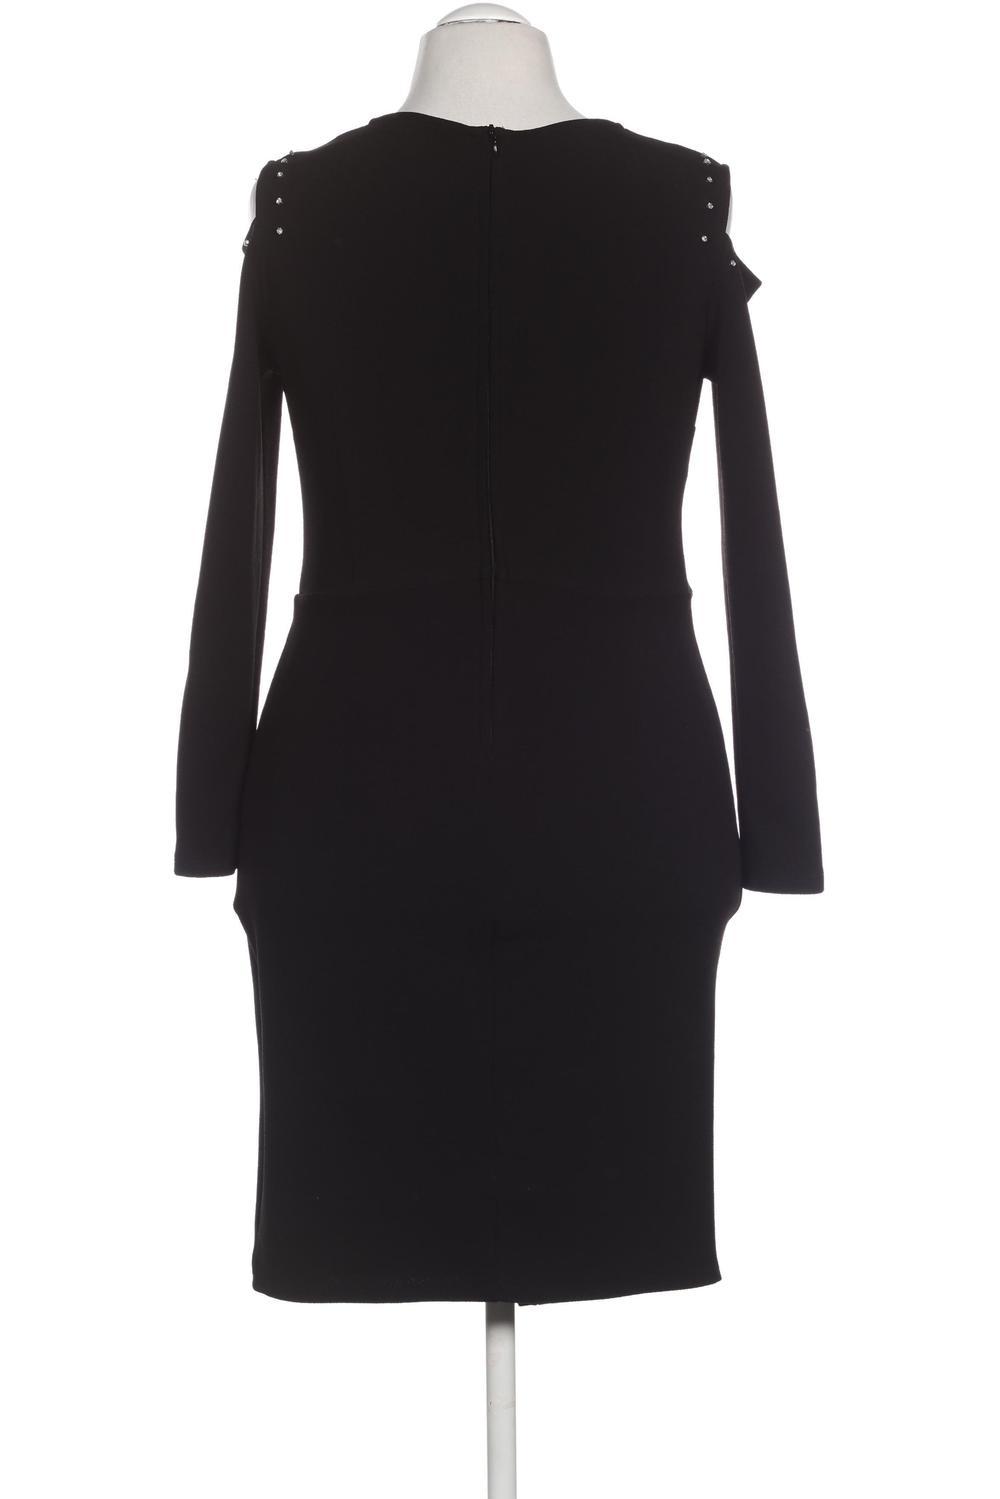 Orsay Damen Kleid INT L Second Hand kaufen | ubup